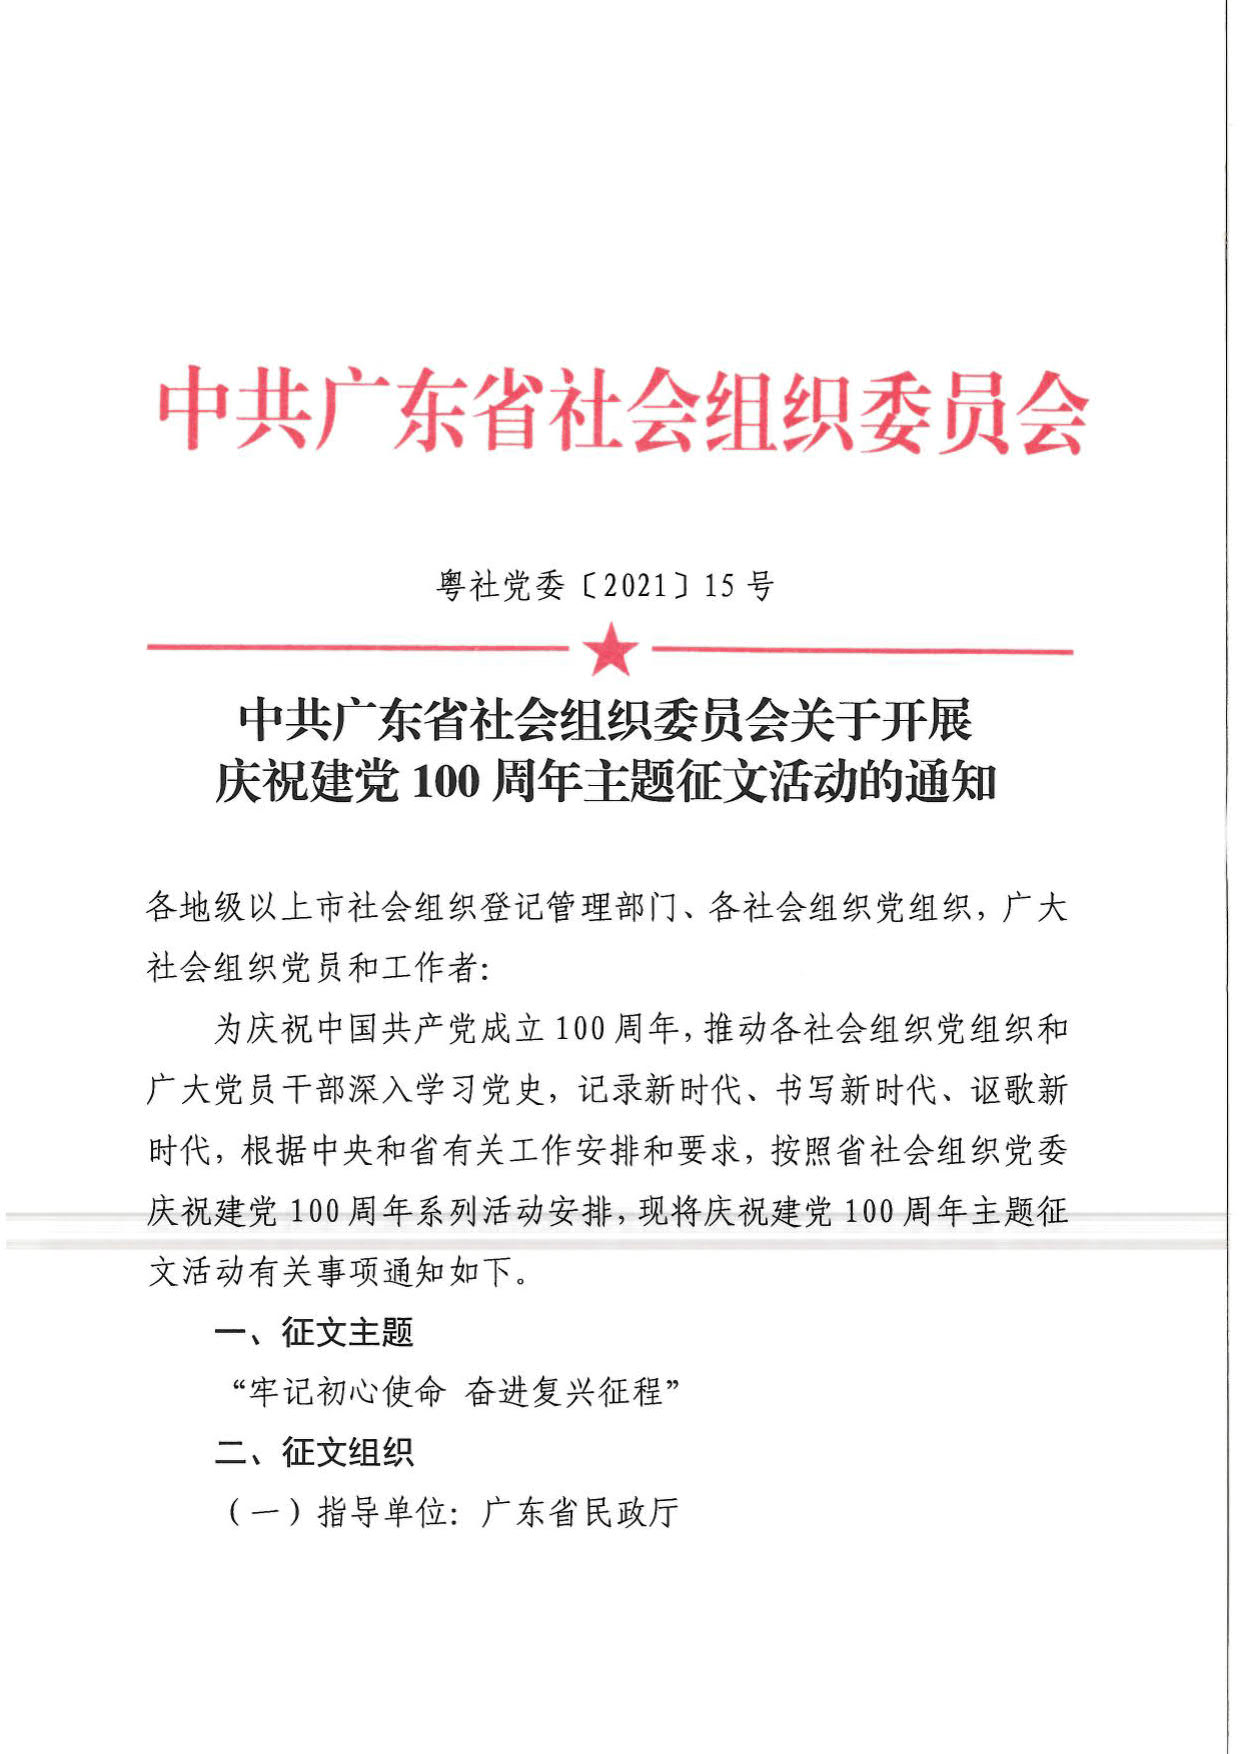 中共广东省社会组织委员会关于开展庆祝建党100周年主题征文活动的通知_1.jpg